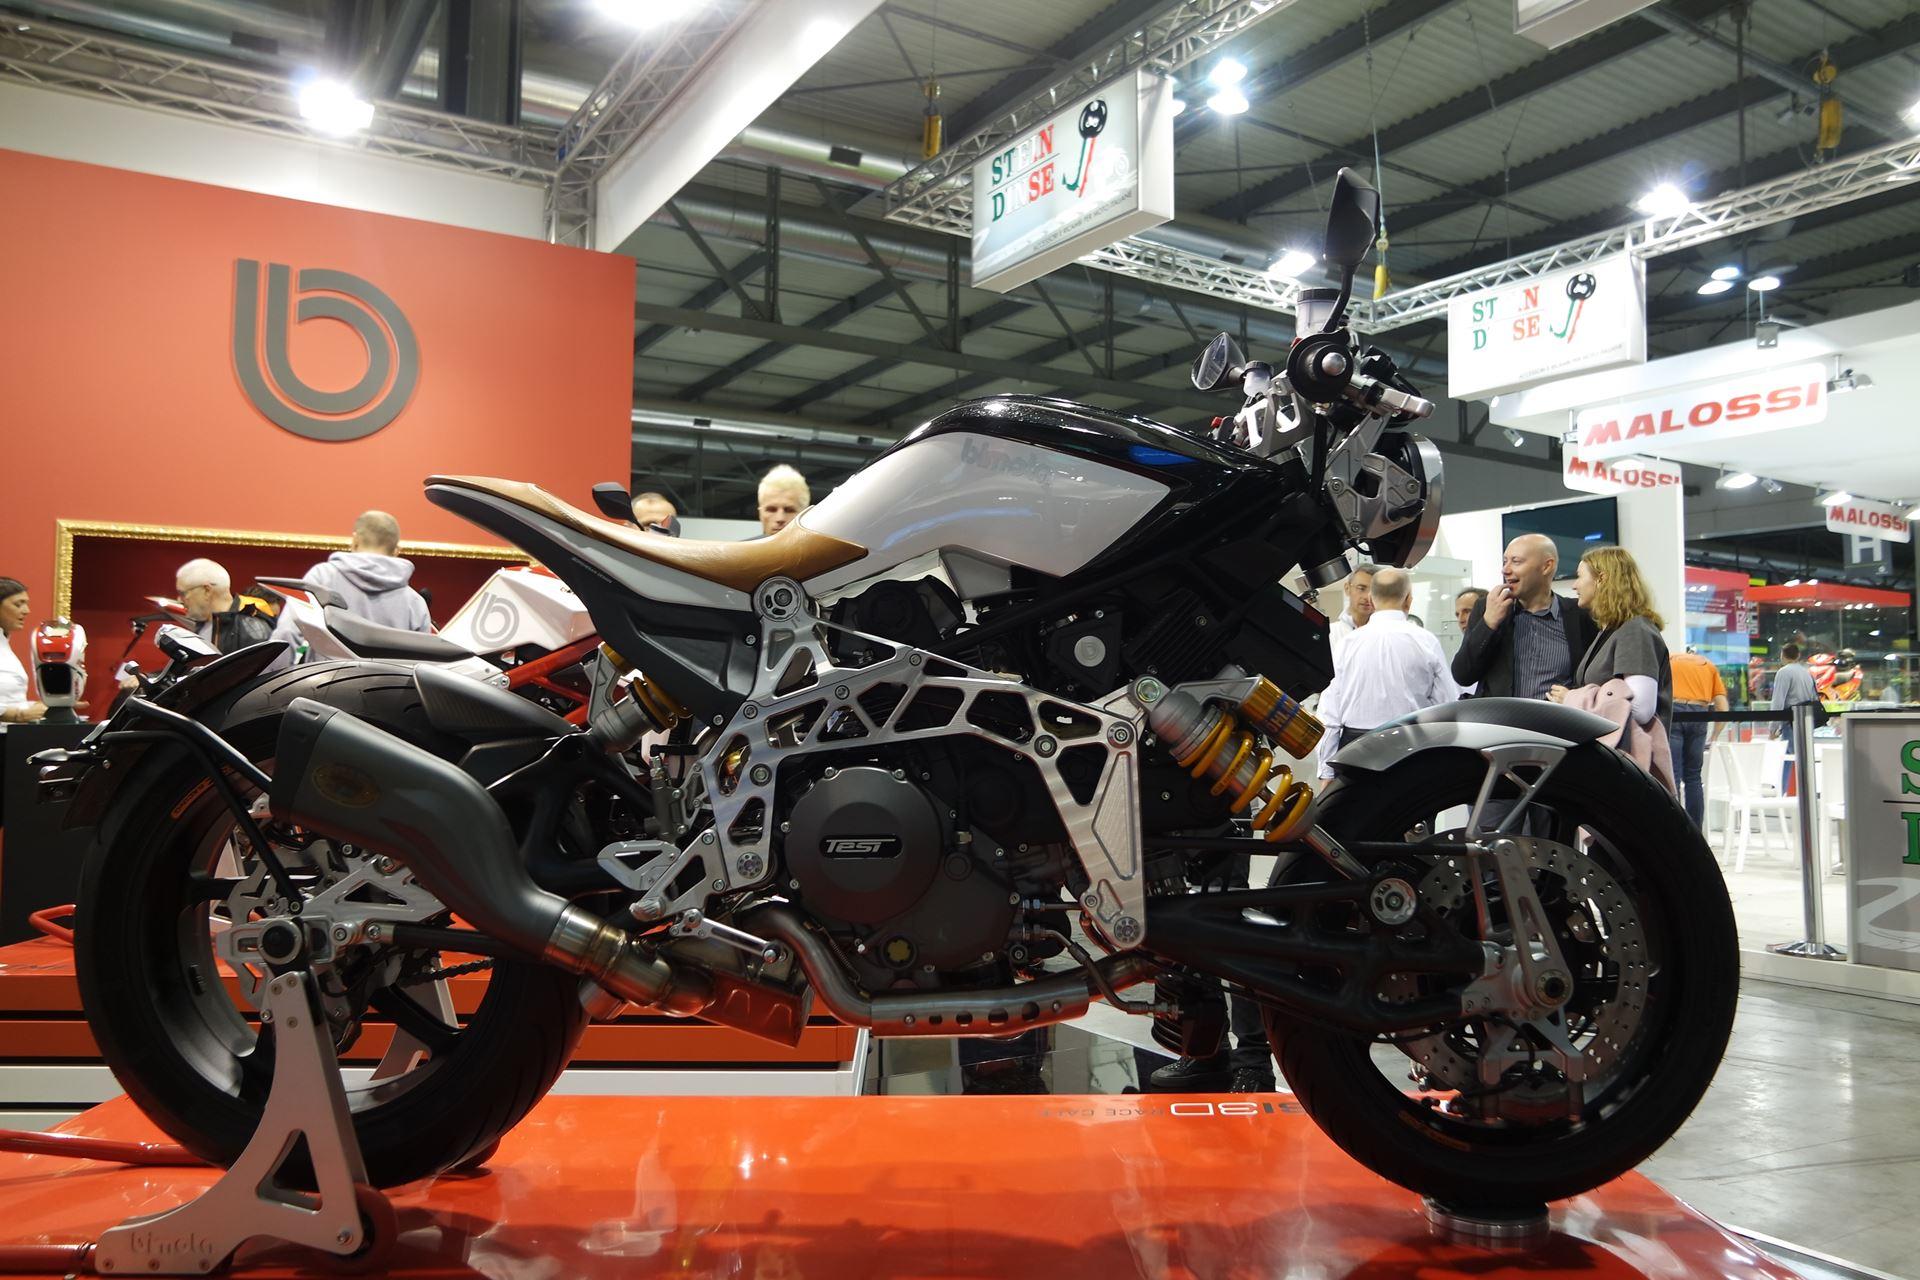 Bimotas supercharged Testastretta-power   Visordown